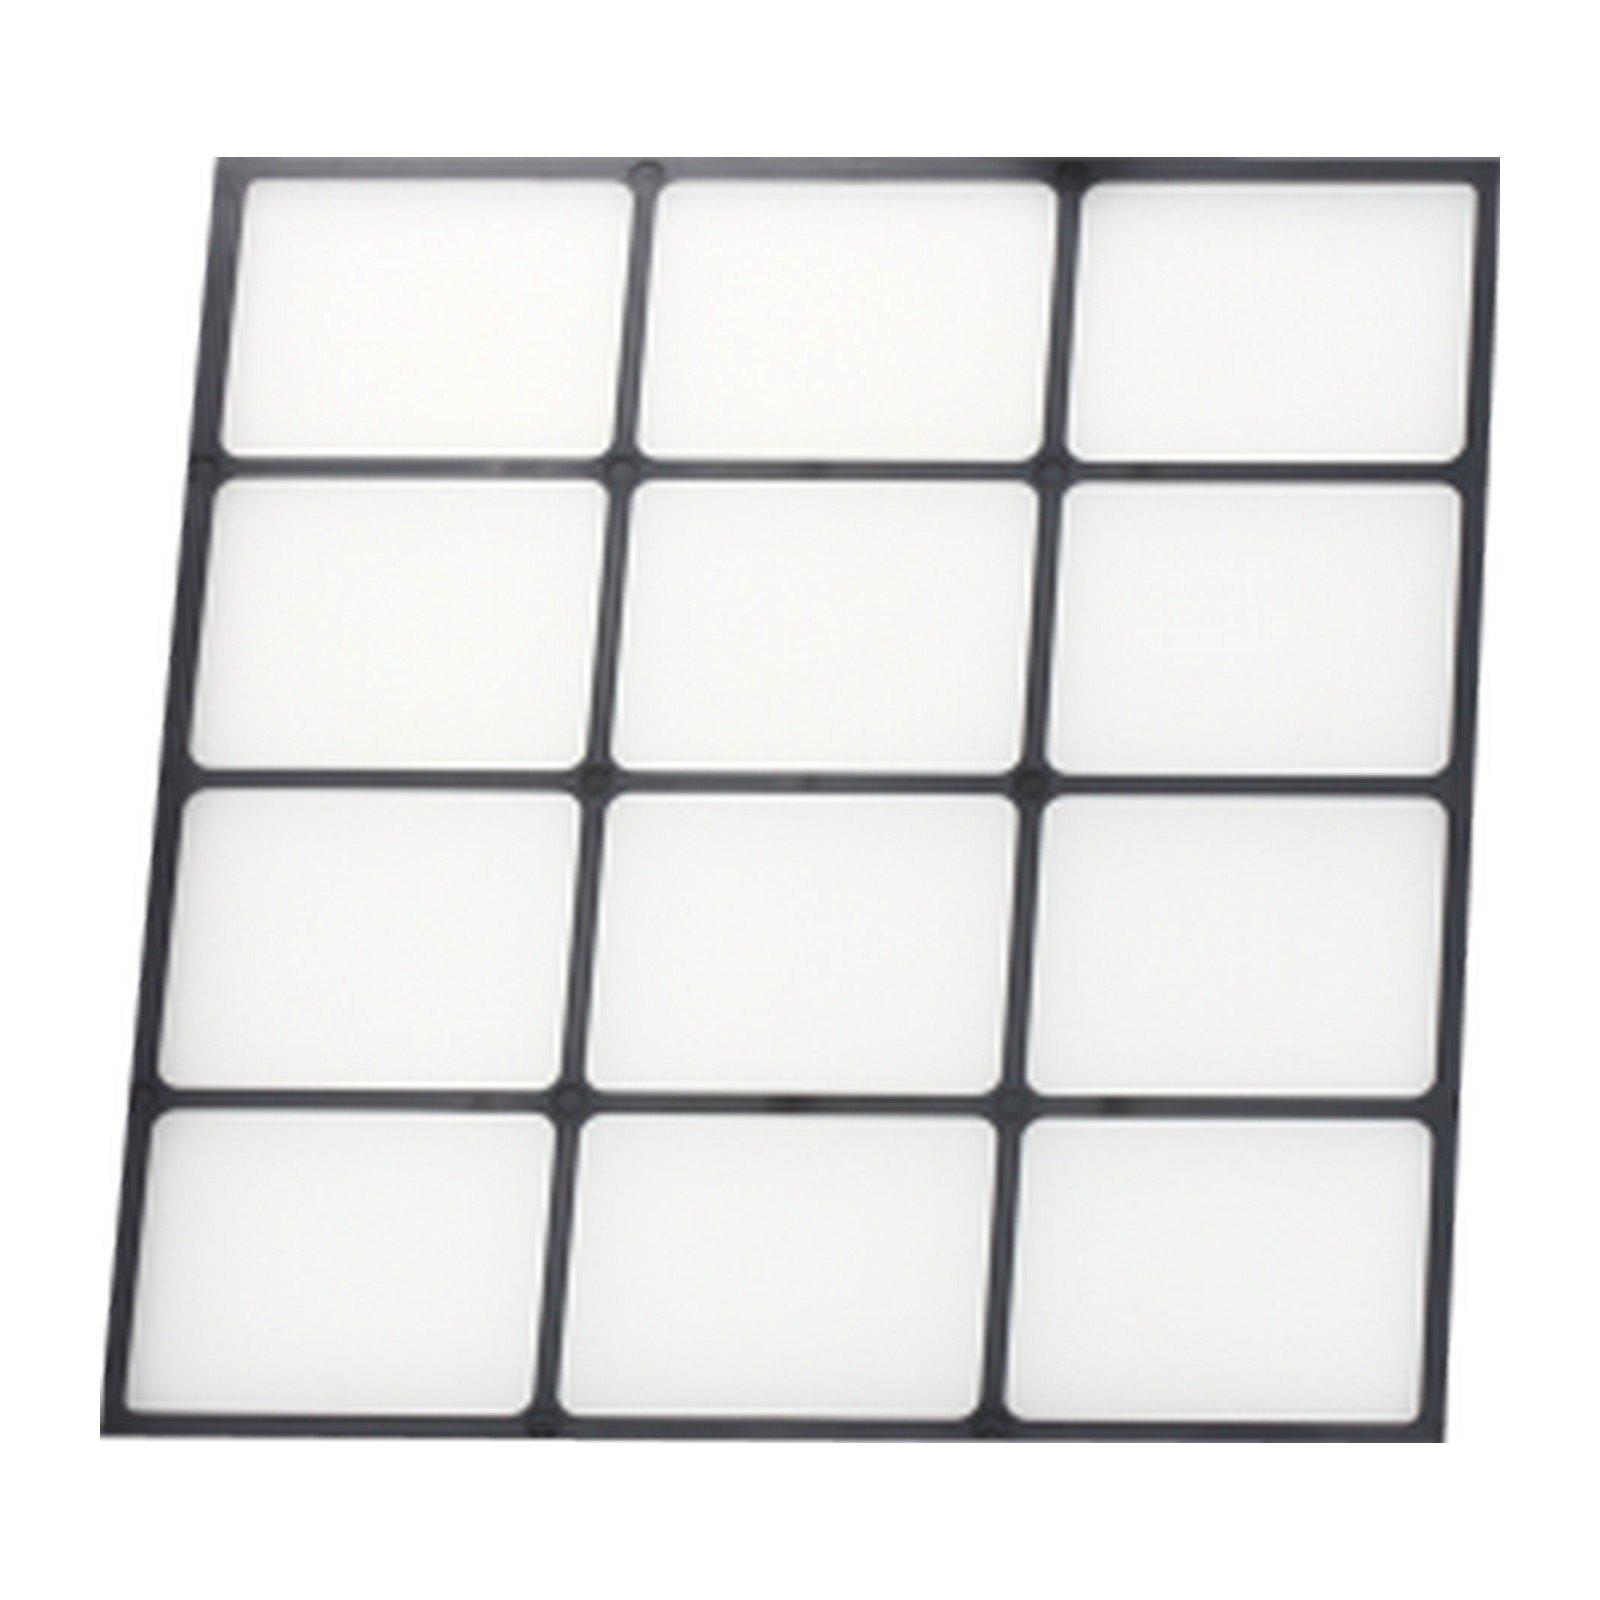 Eiki 610 351 3133 | 12 Openings Filter Base Mesh for LC-HDT2000